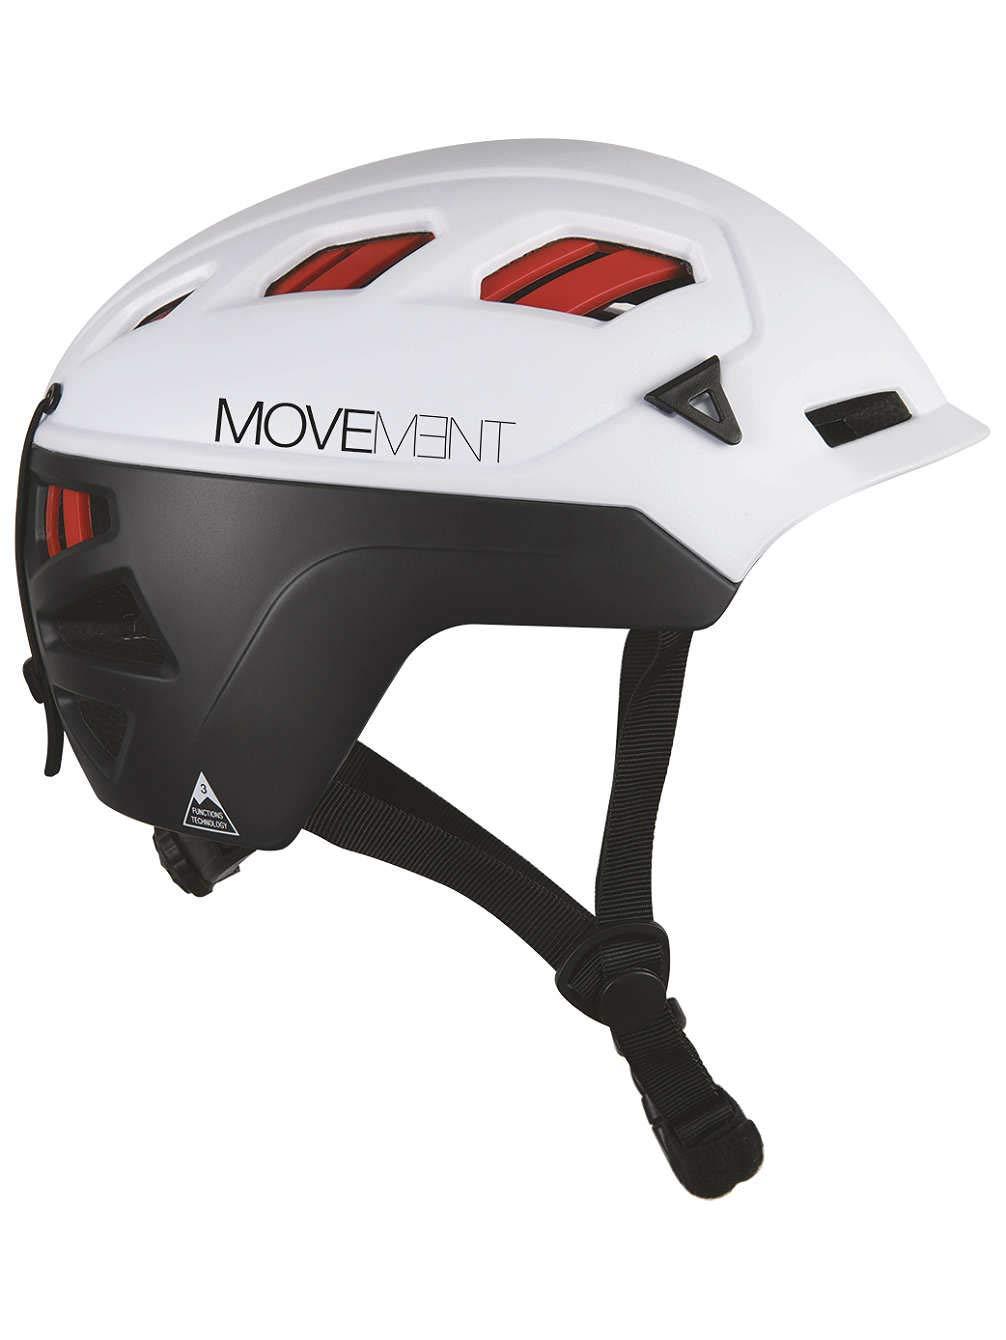 Herren Helm Movement 3Tech Alpi Helm